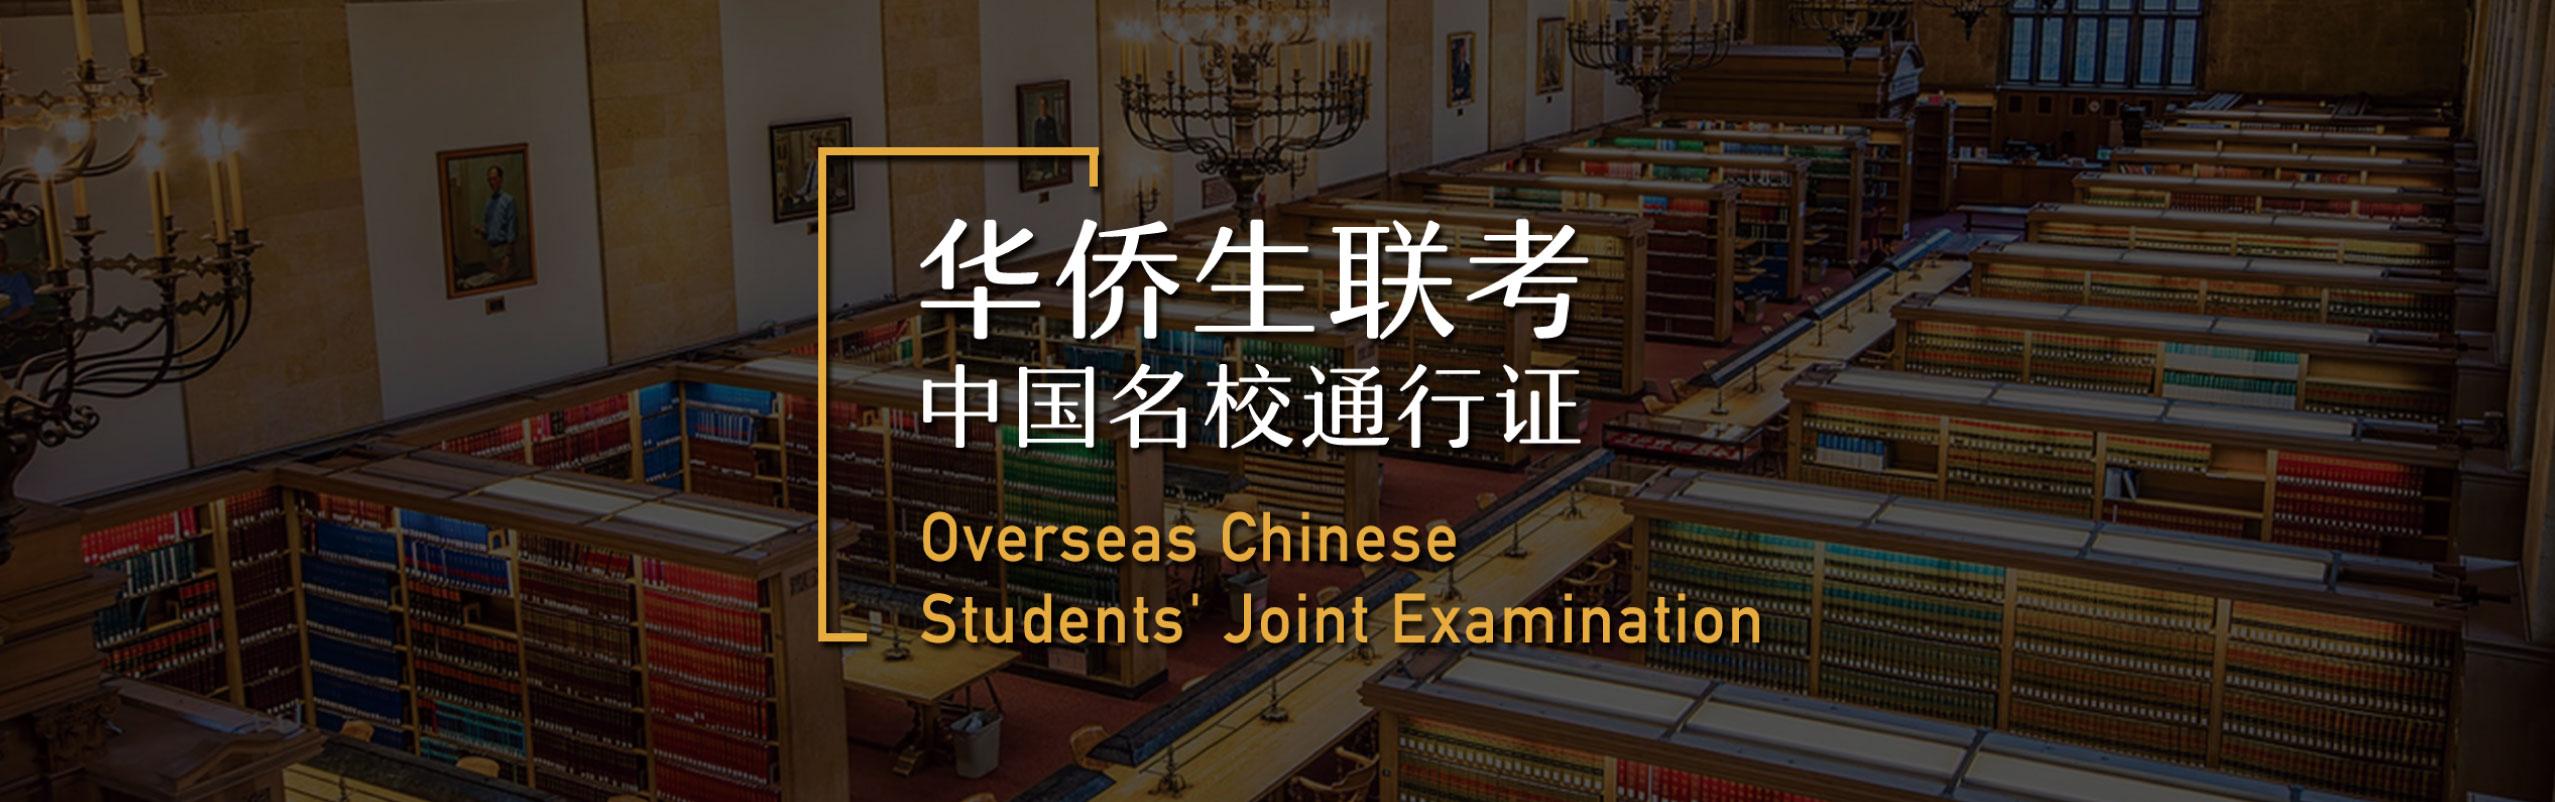 华侨生,中国名校的通行证